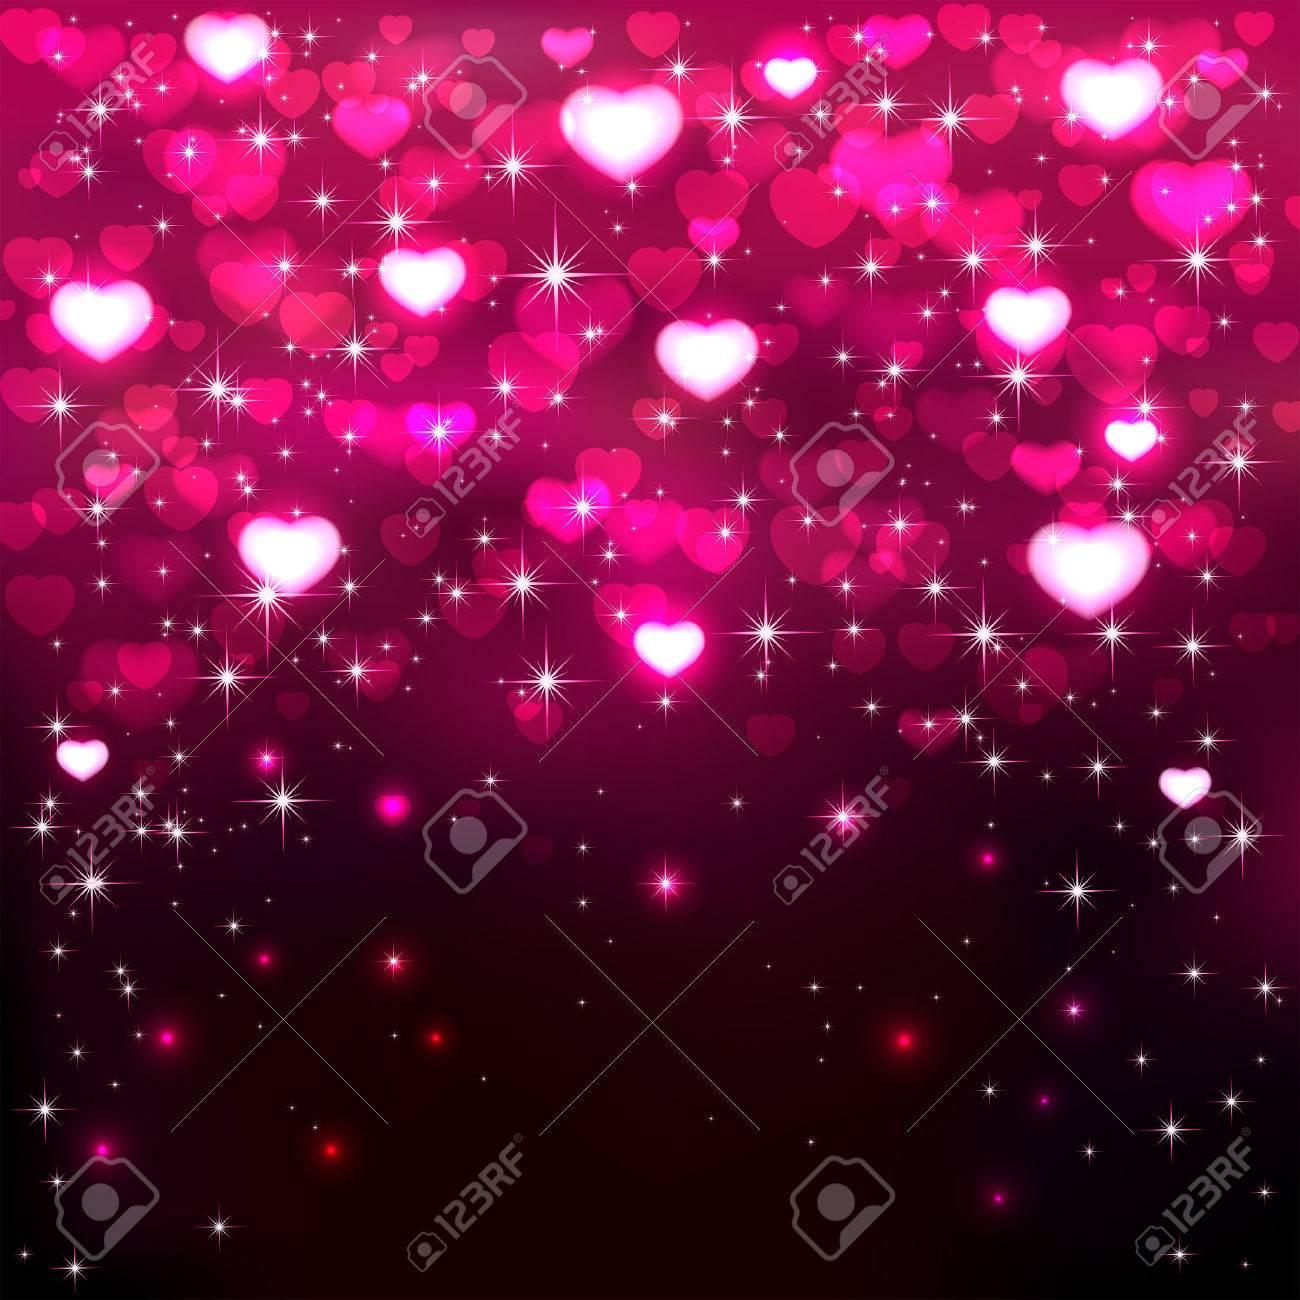 Fondo Oscuro Con Brillantes Corazones De Color Rosa Y Las Estrellas